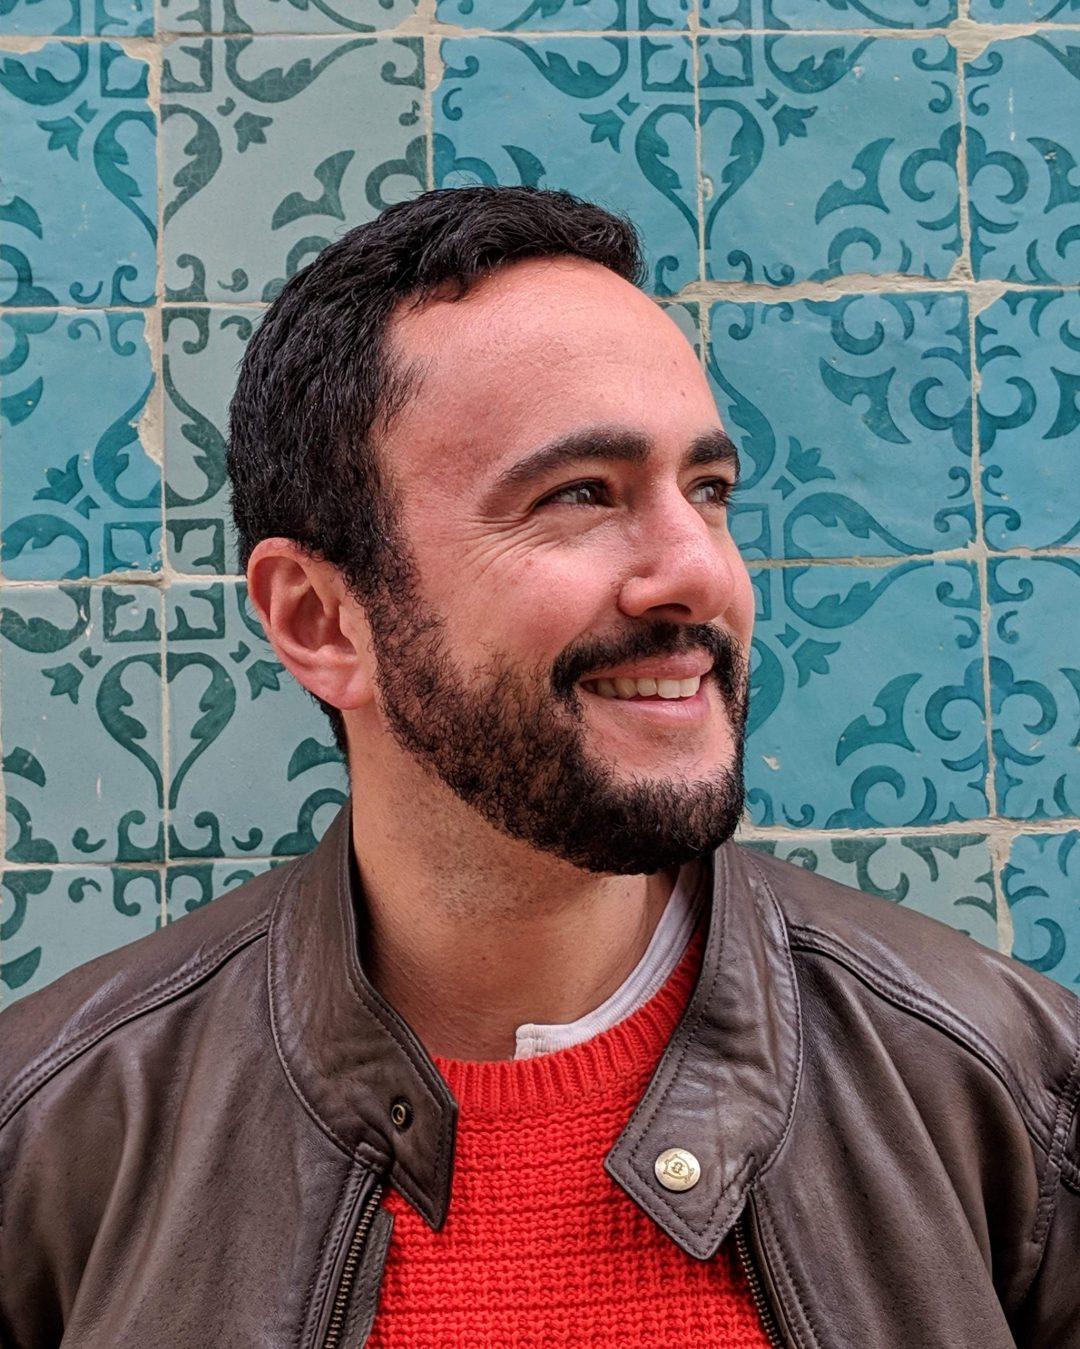 Joshua Levy - Author